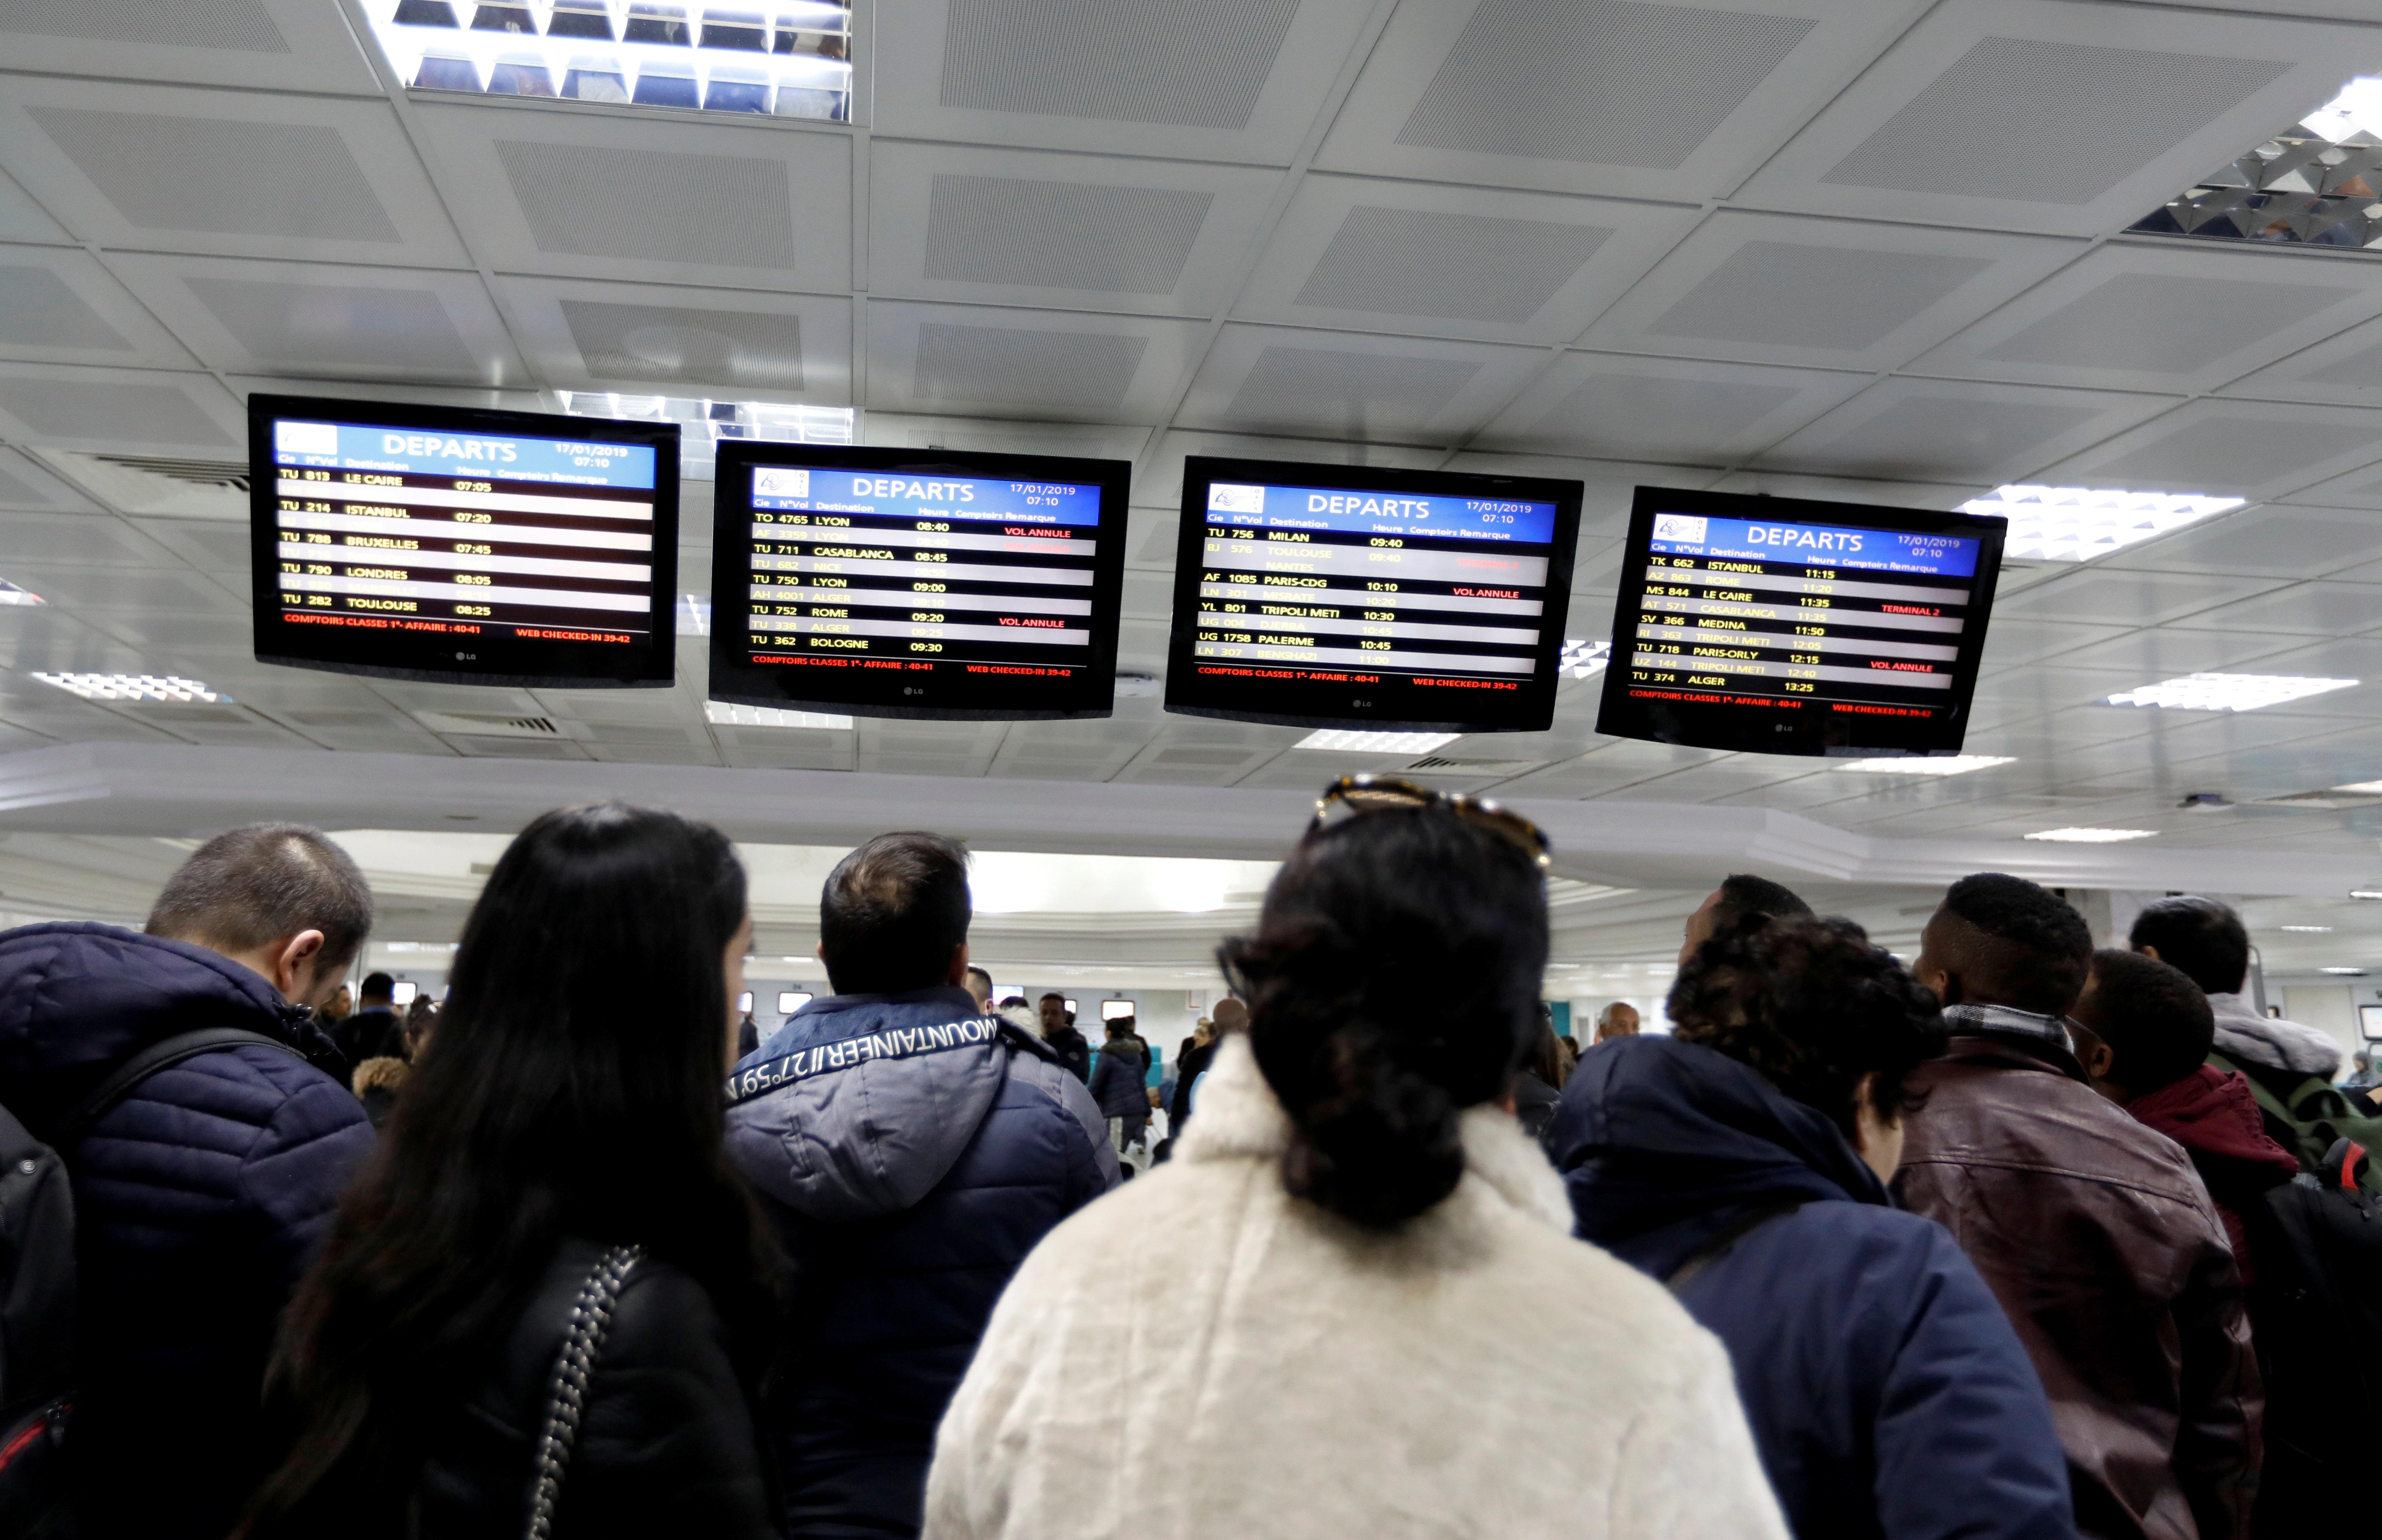 Frustration et cohue à l'aéroport Tunis-Carthage après l'annulation de la majorité des